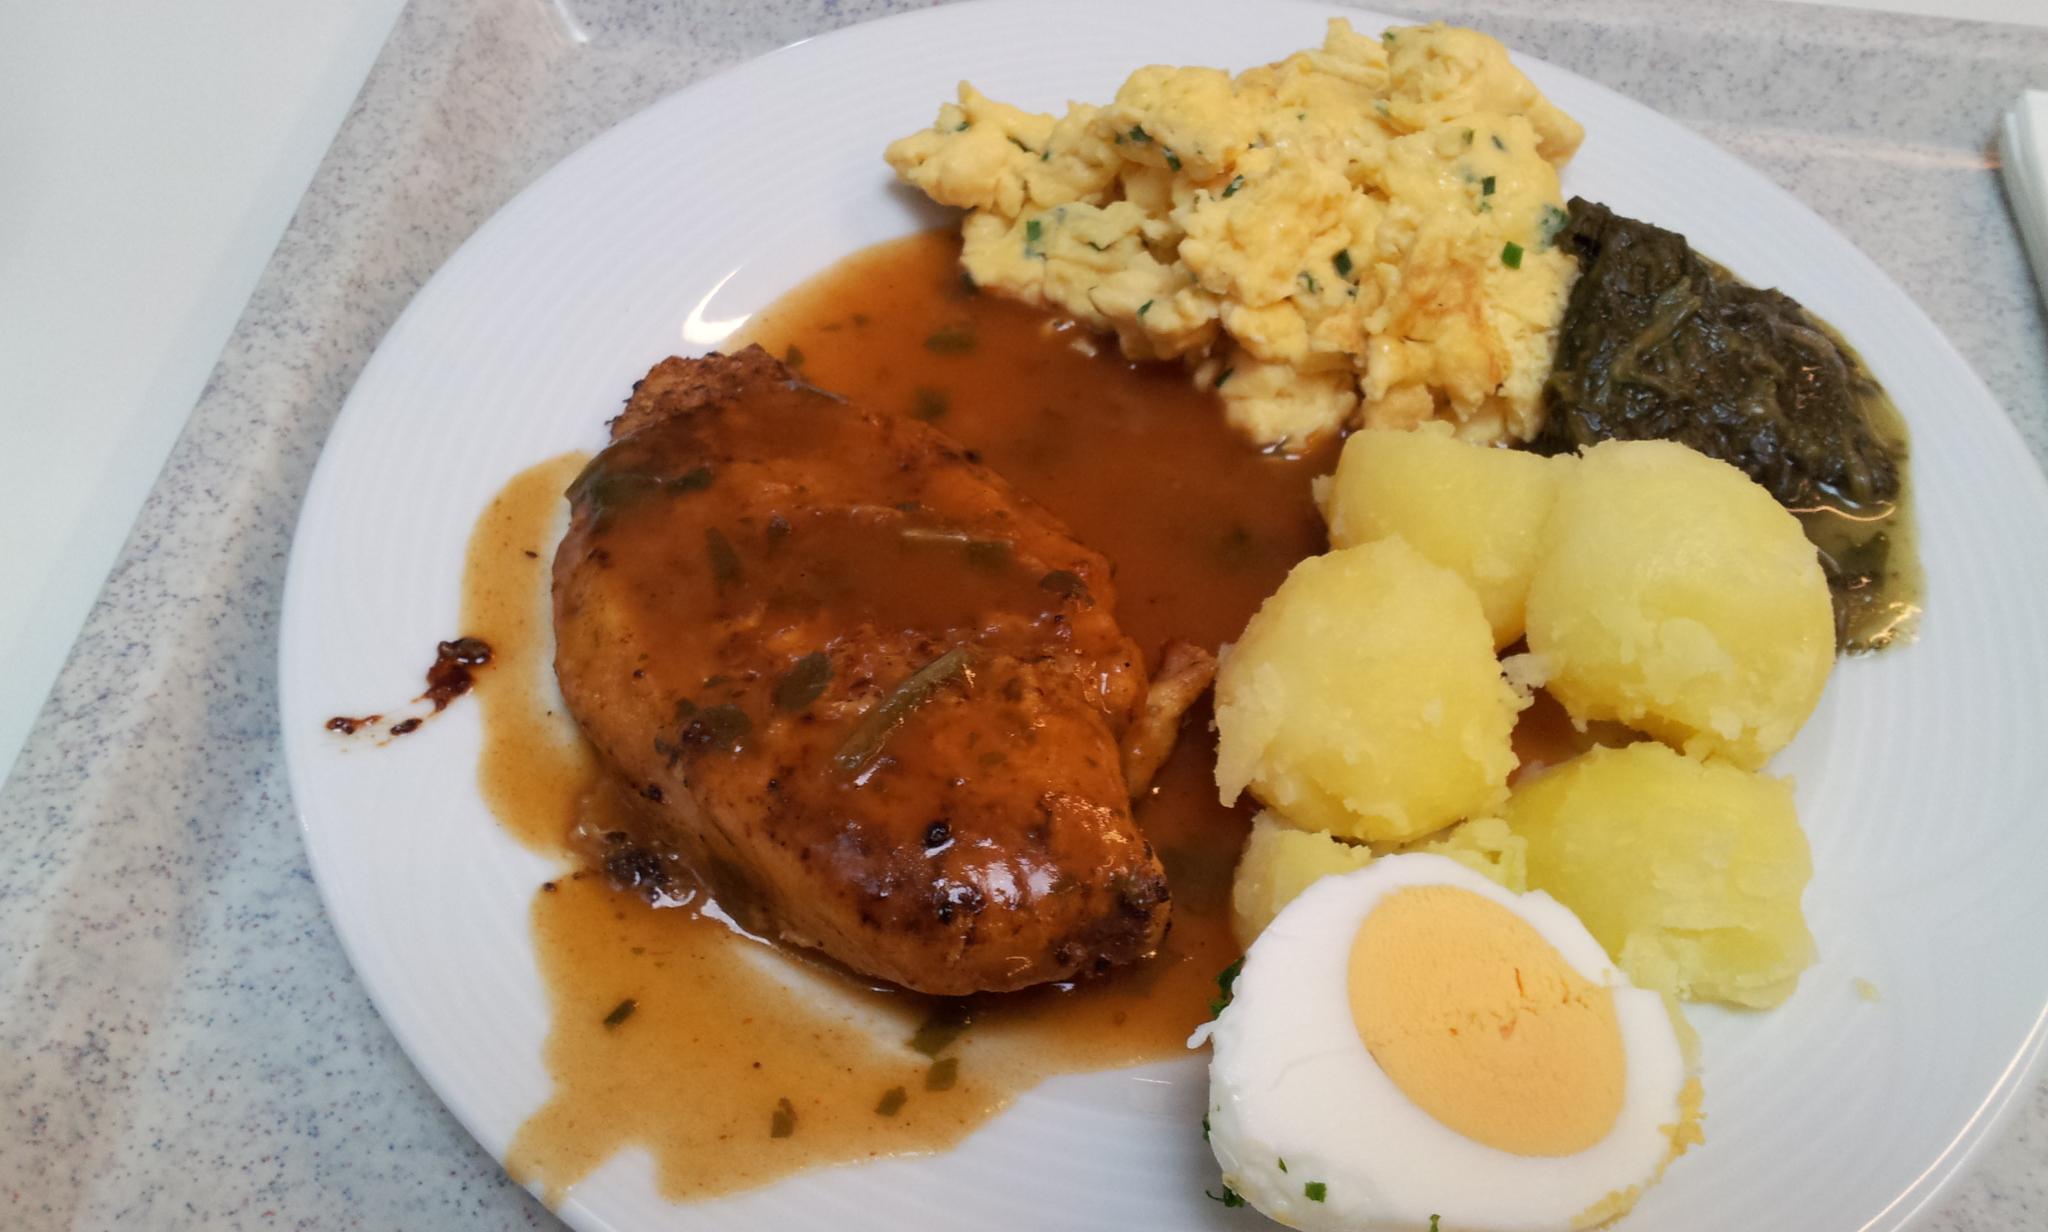 https://foodloader.net/Holz_2013-11-13_Haehnchenfilet.jpg